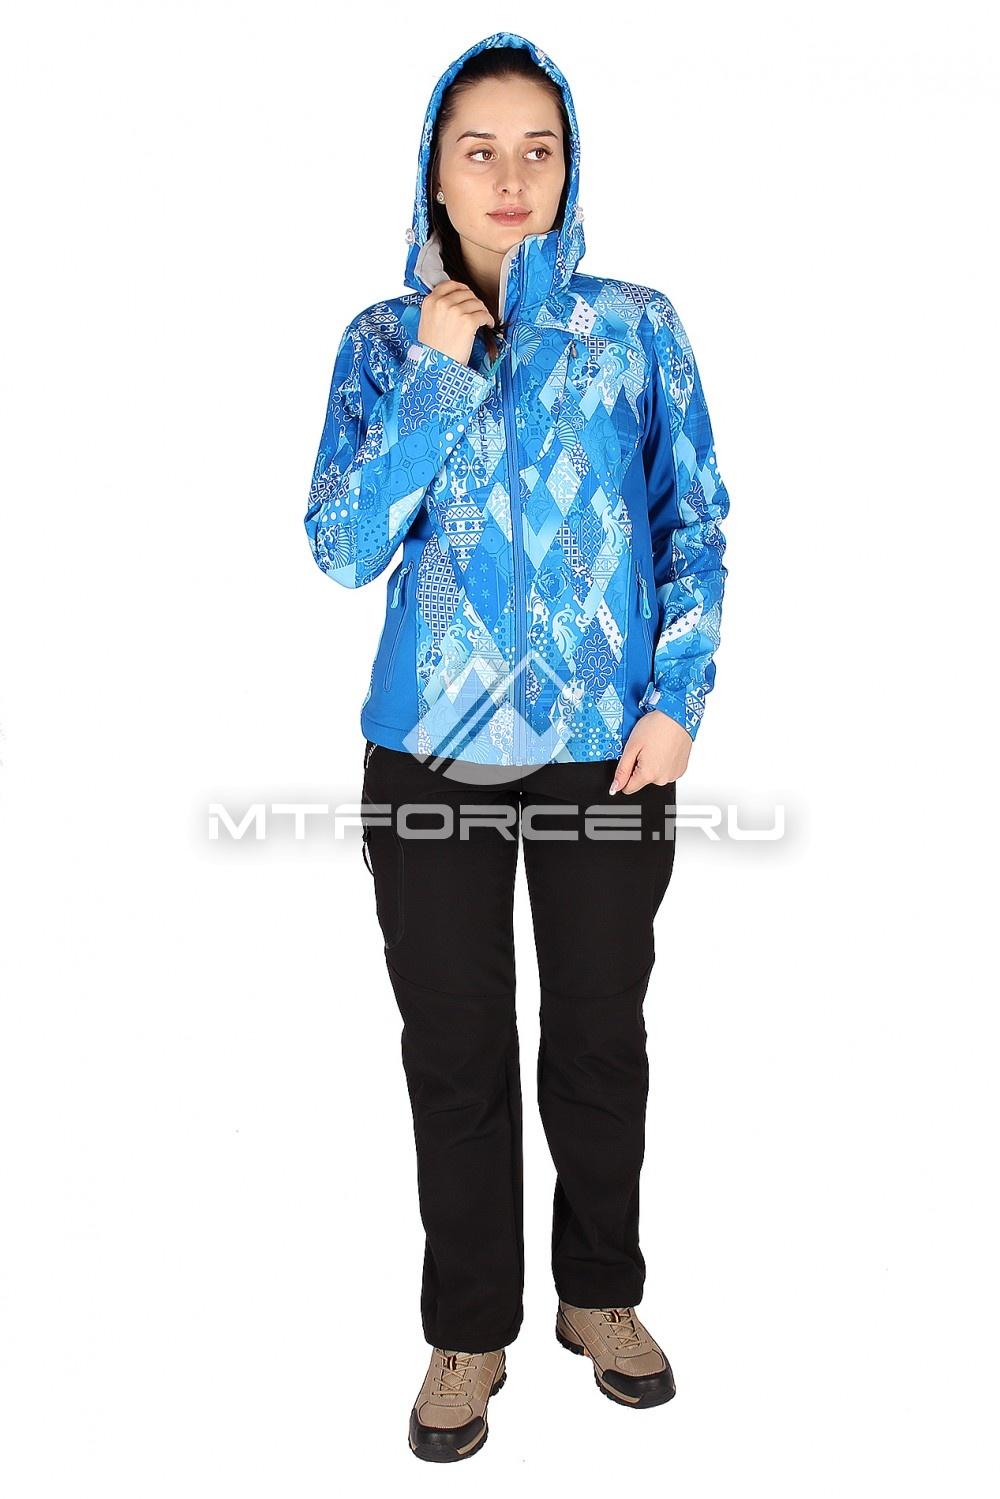 Купить оптом Костюм виндстопер женский синего цвета 014110S